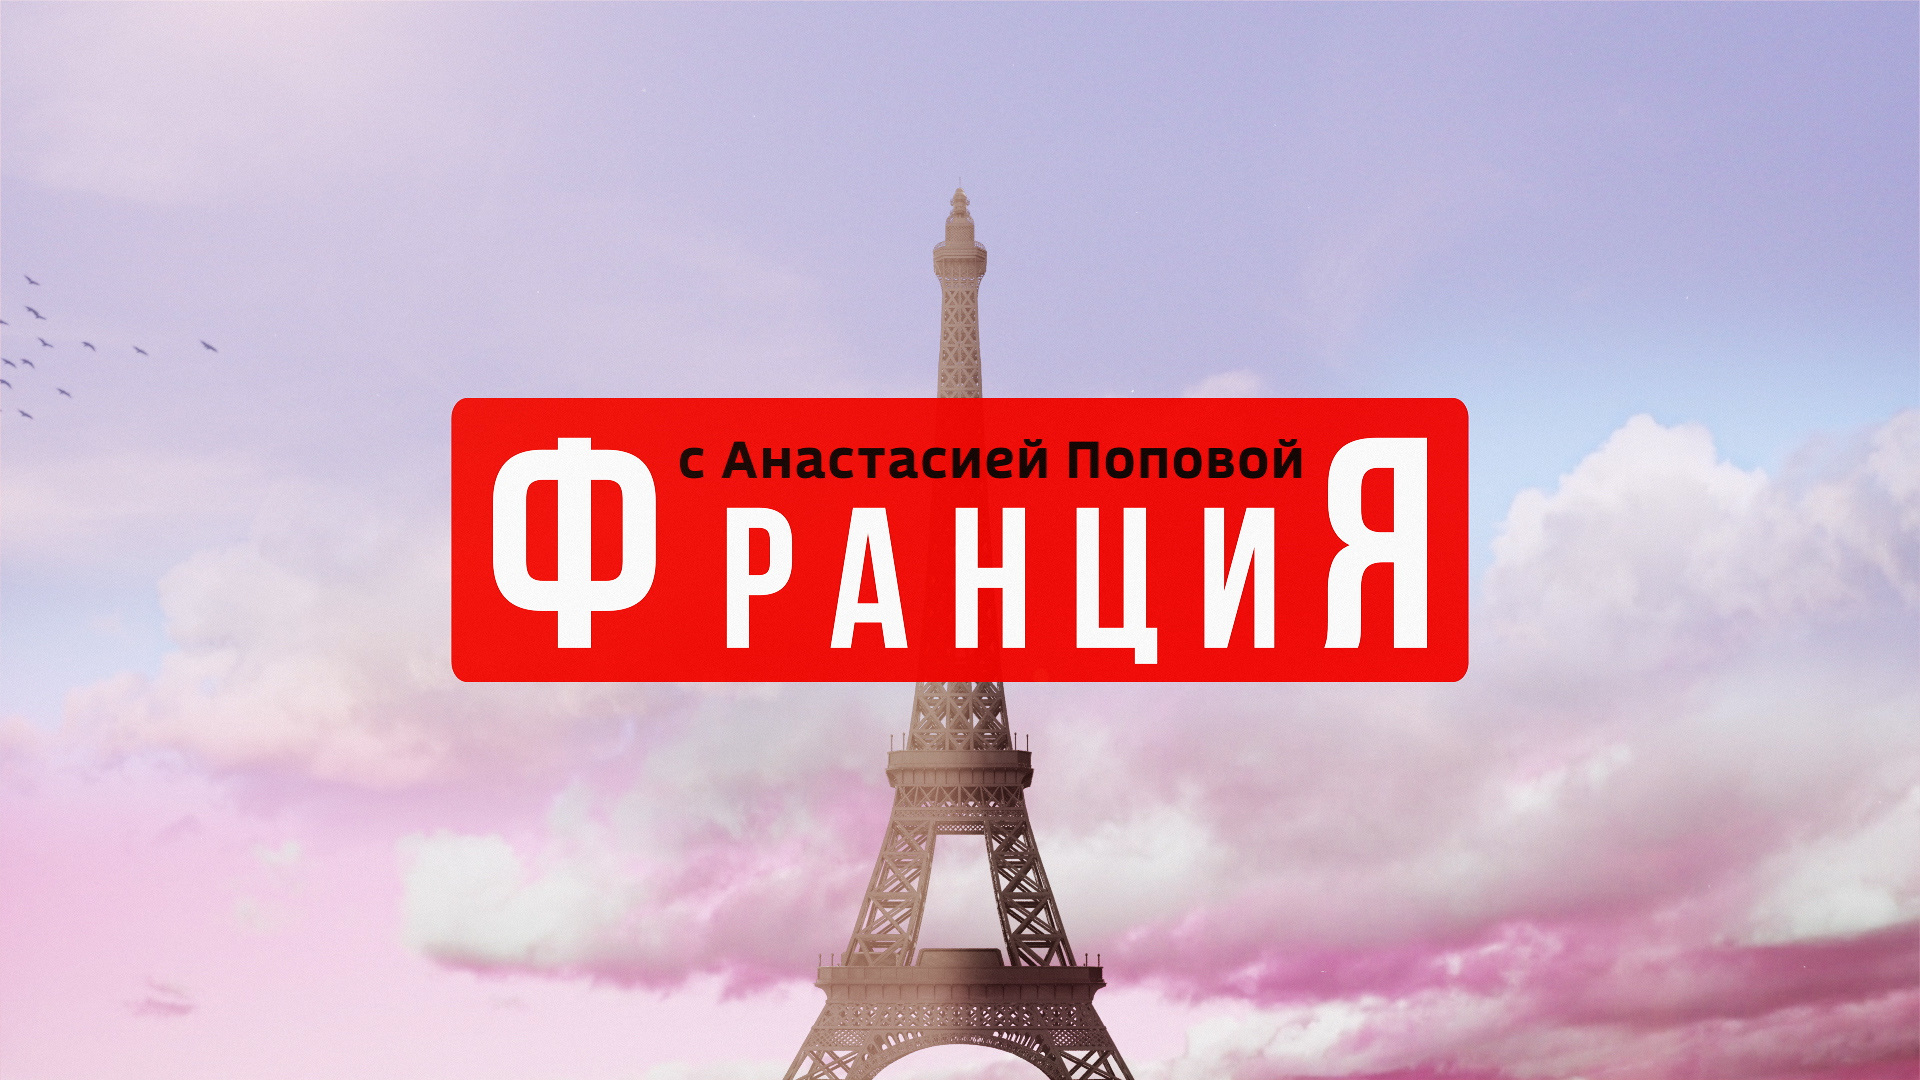 Франция с Анастасией Поповой